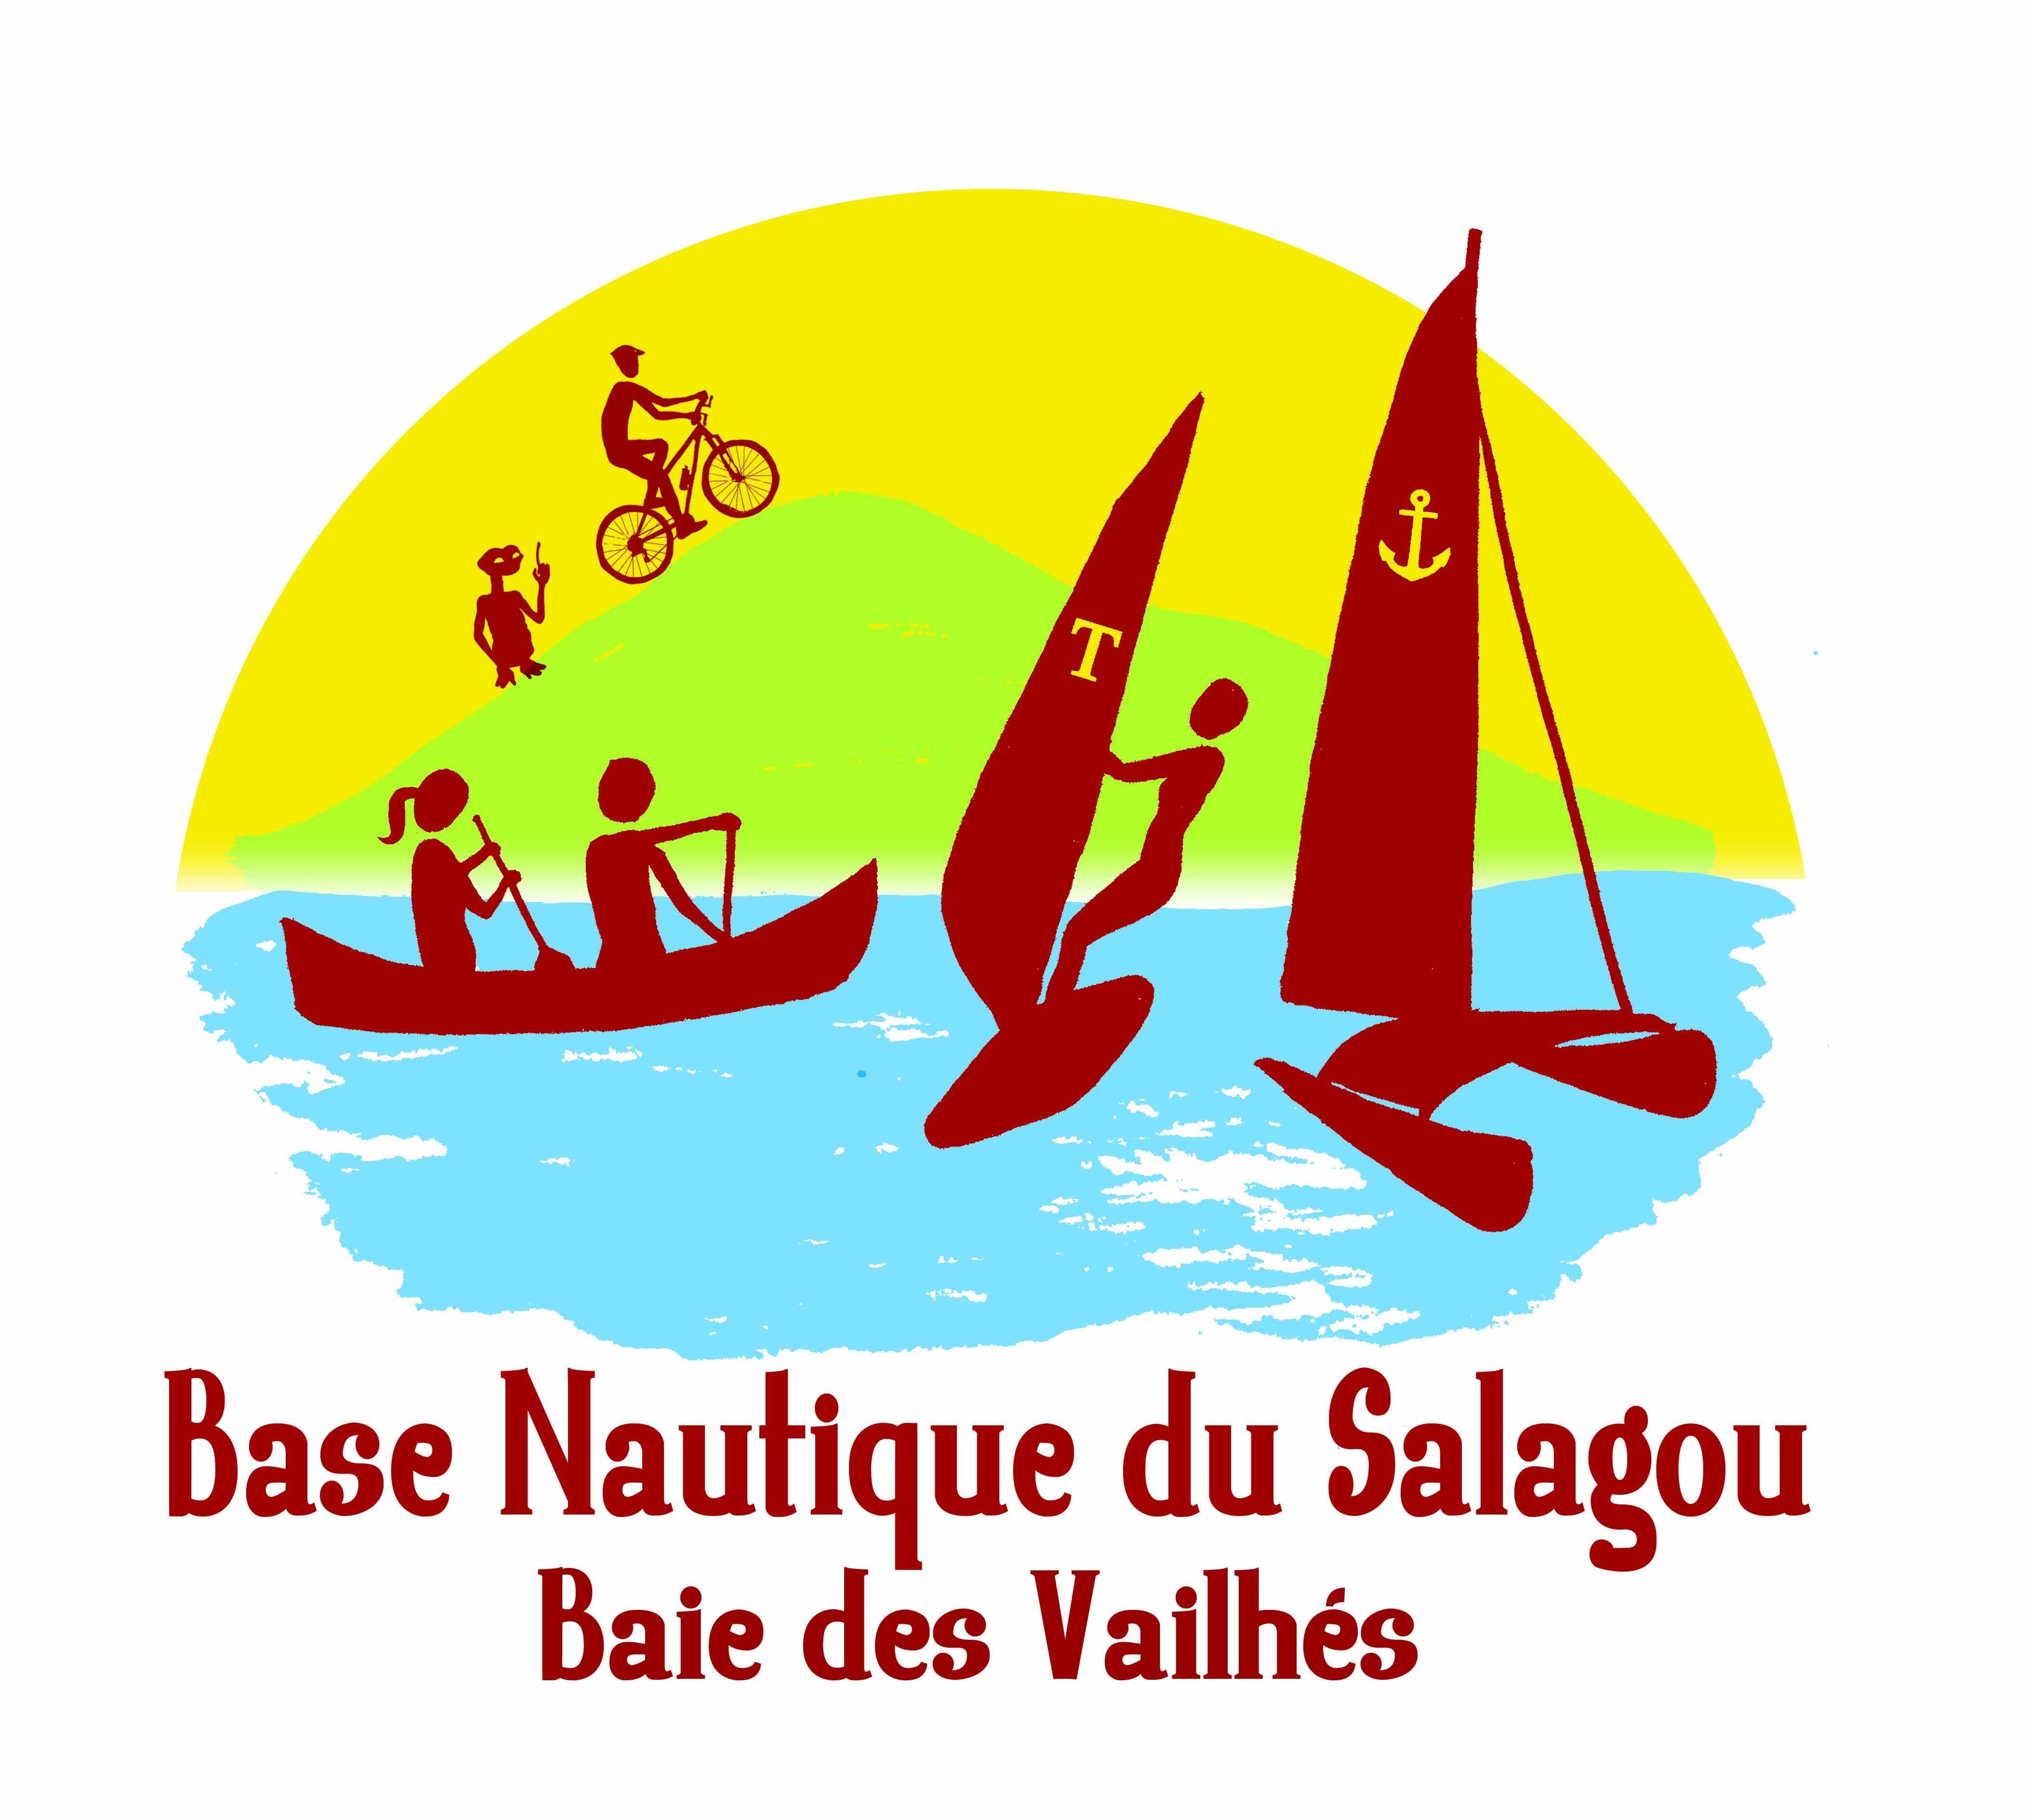 Base Nautique du Salagou - Baie des Vailhés